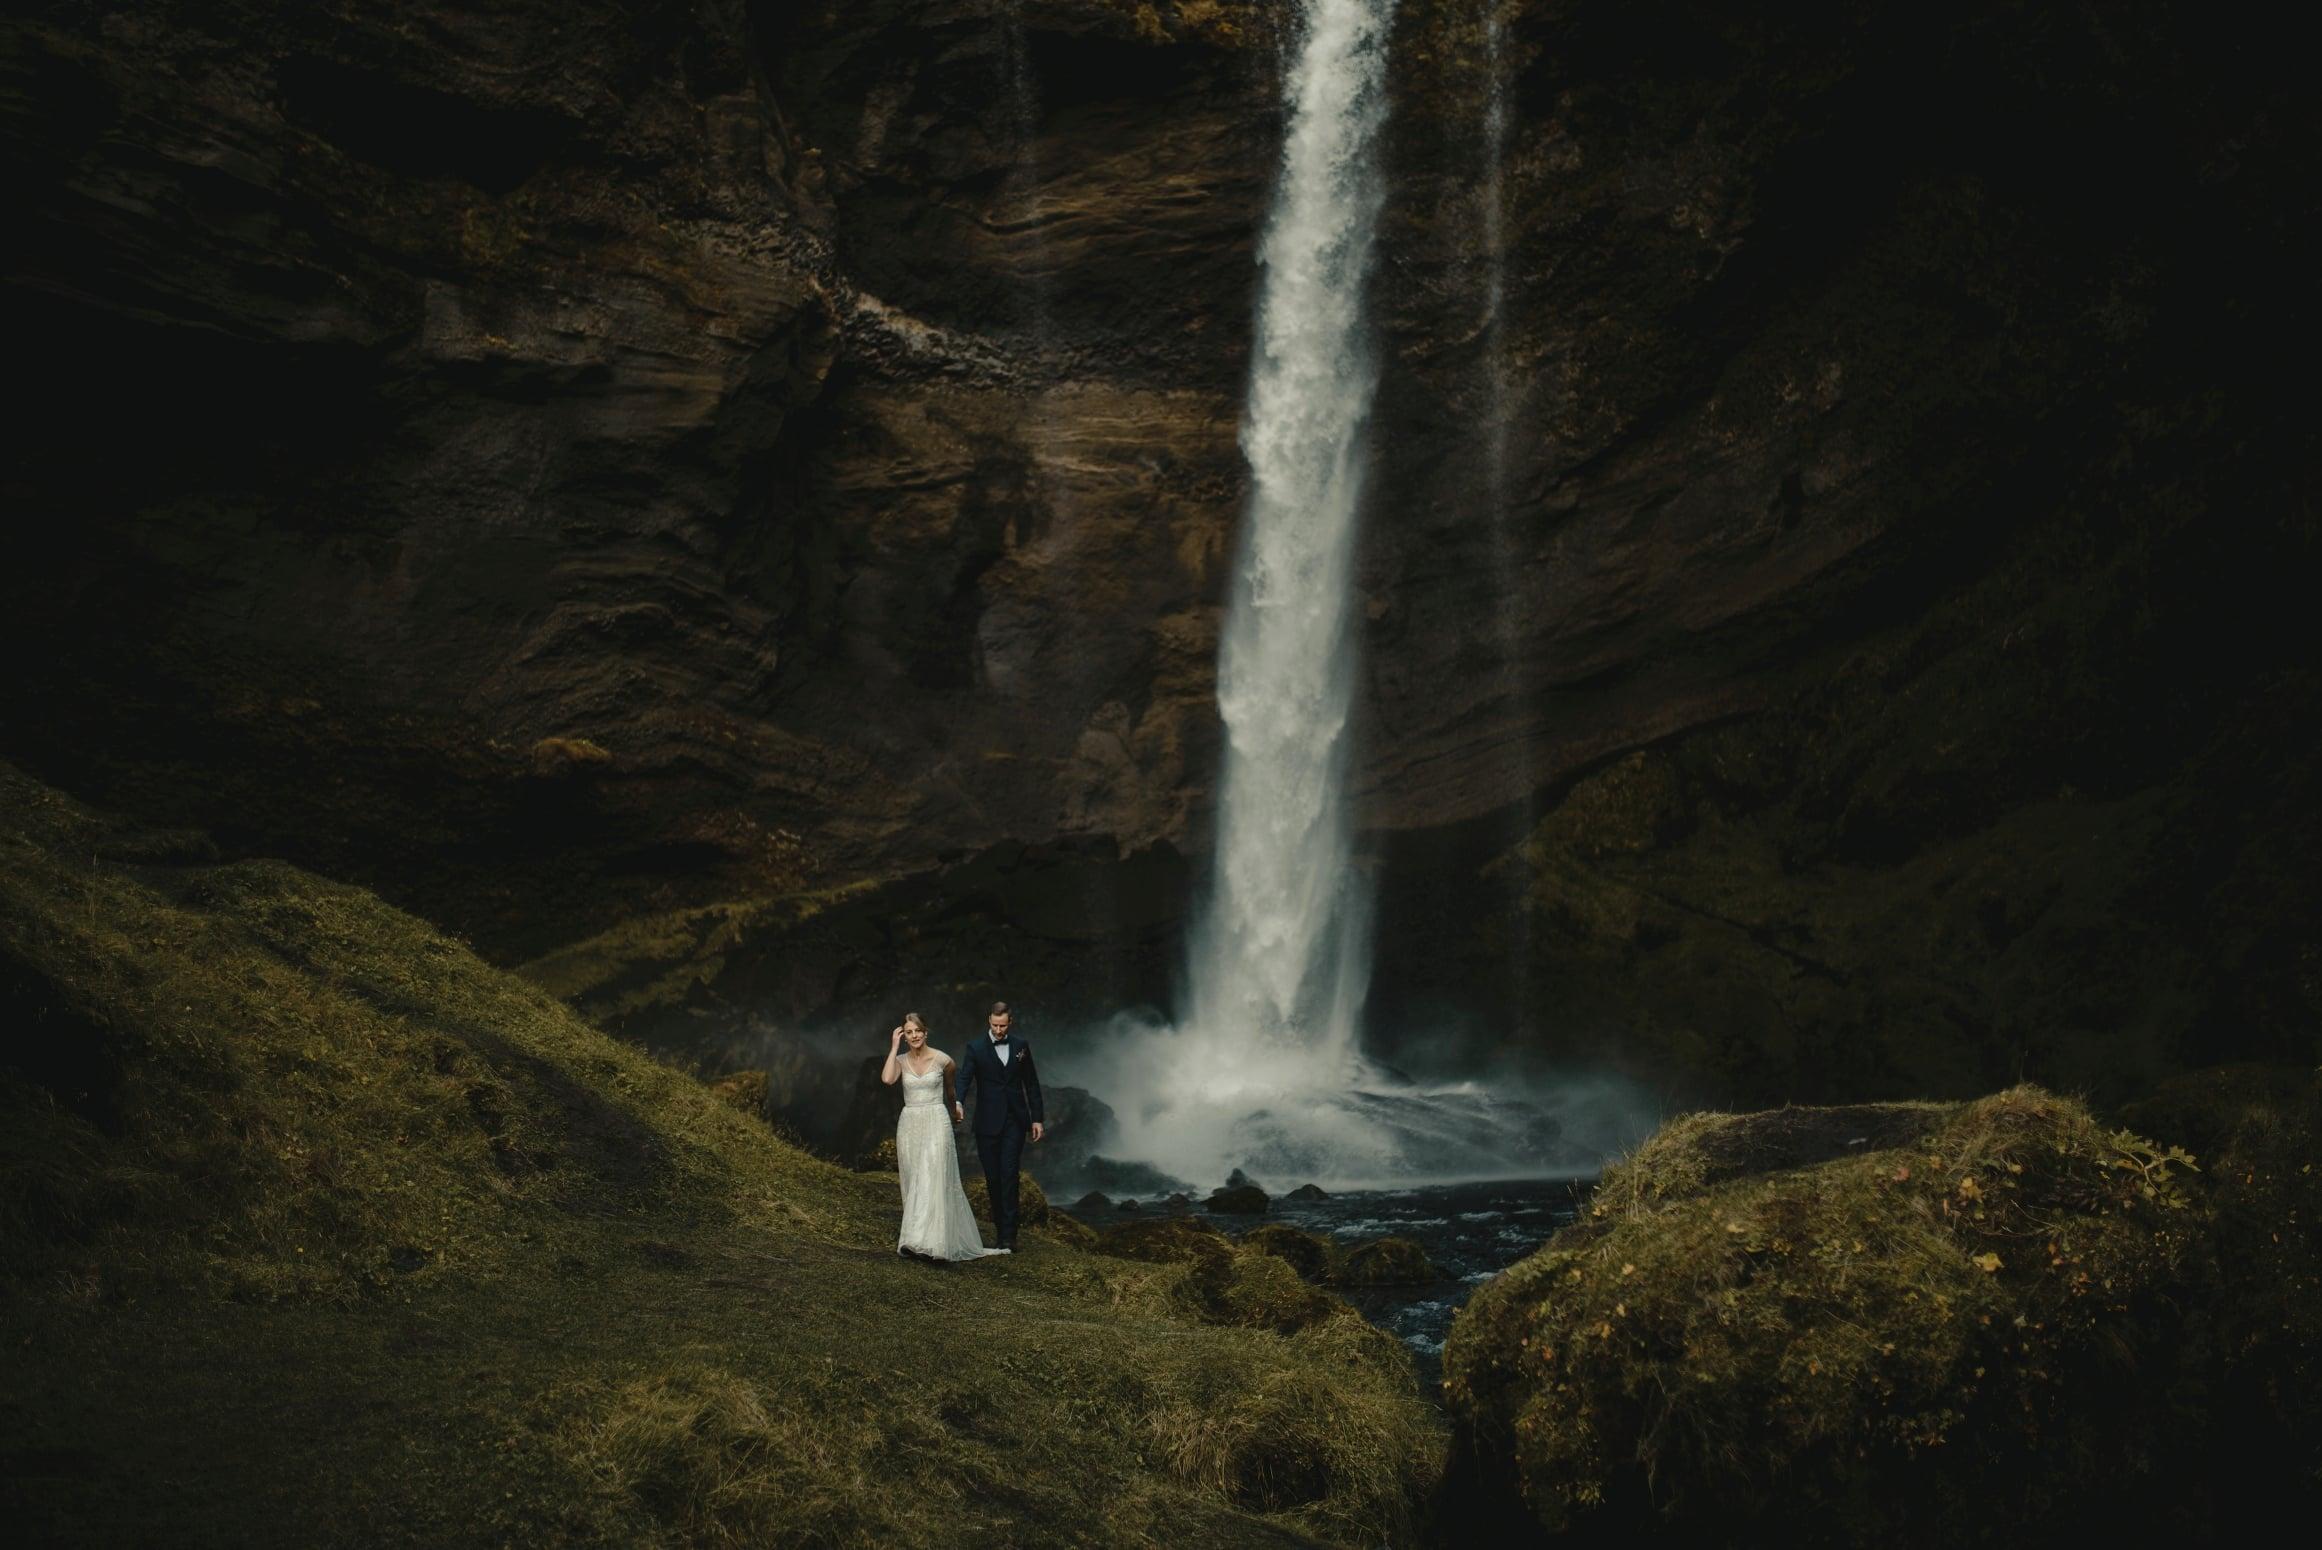 Virginia&Evan-CubeSam&Phil-Iceland02